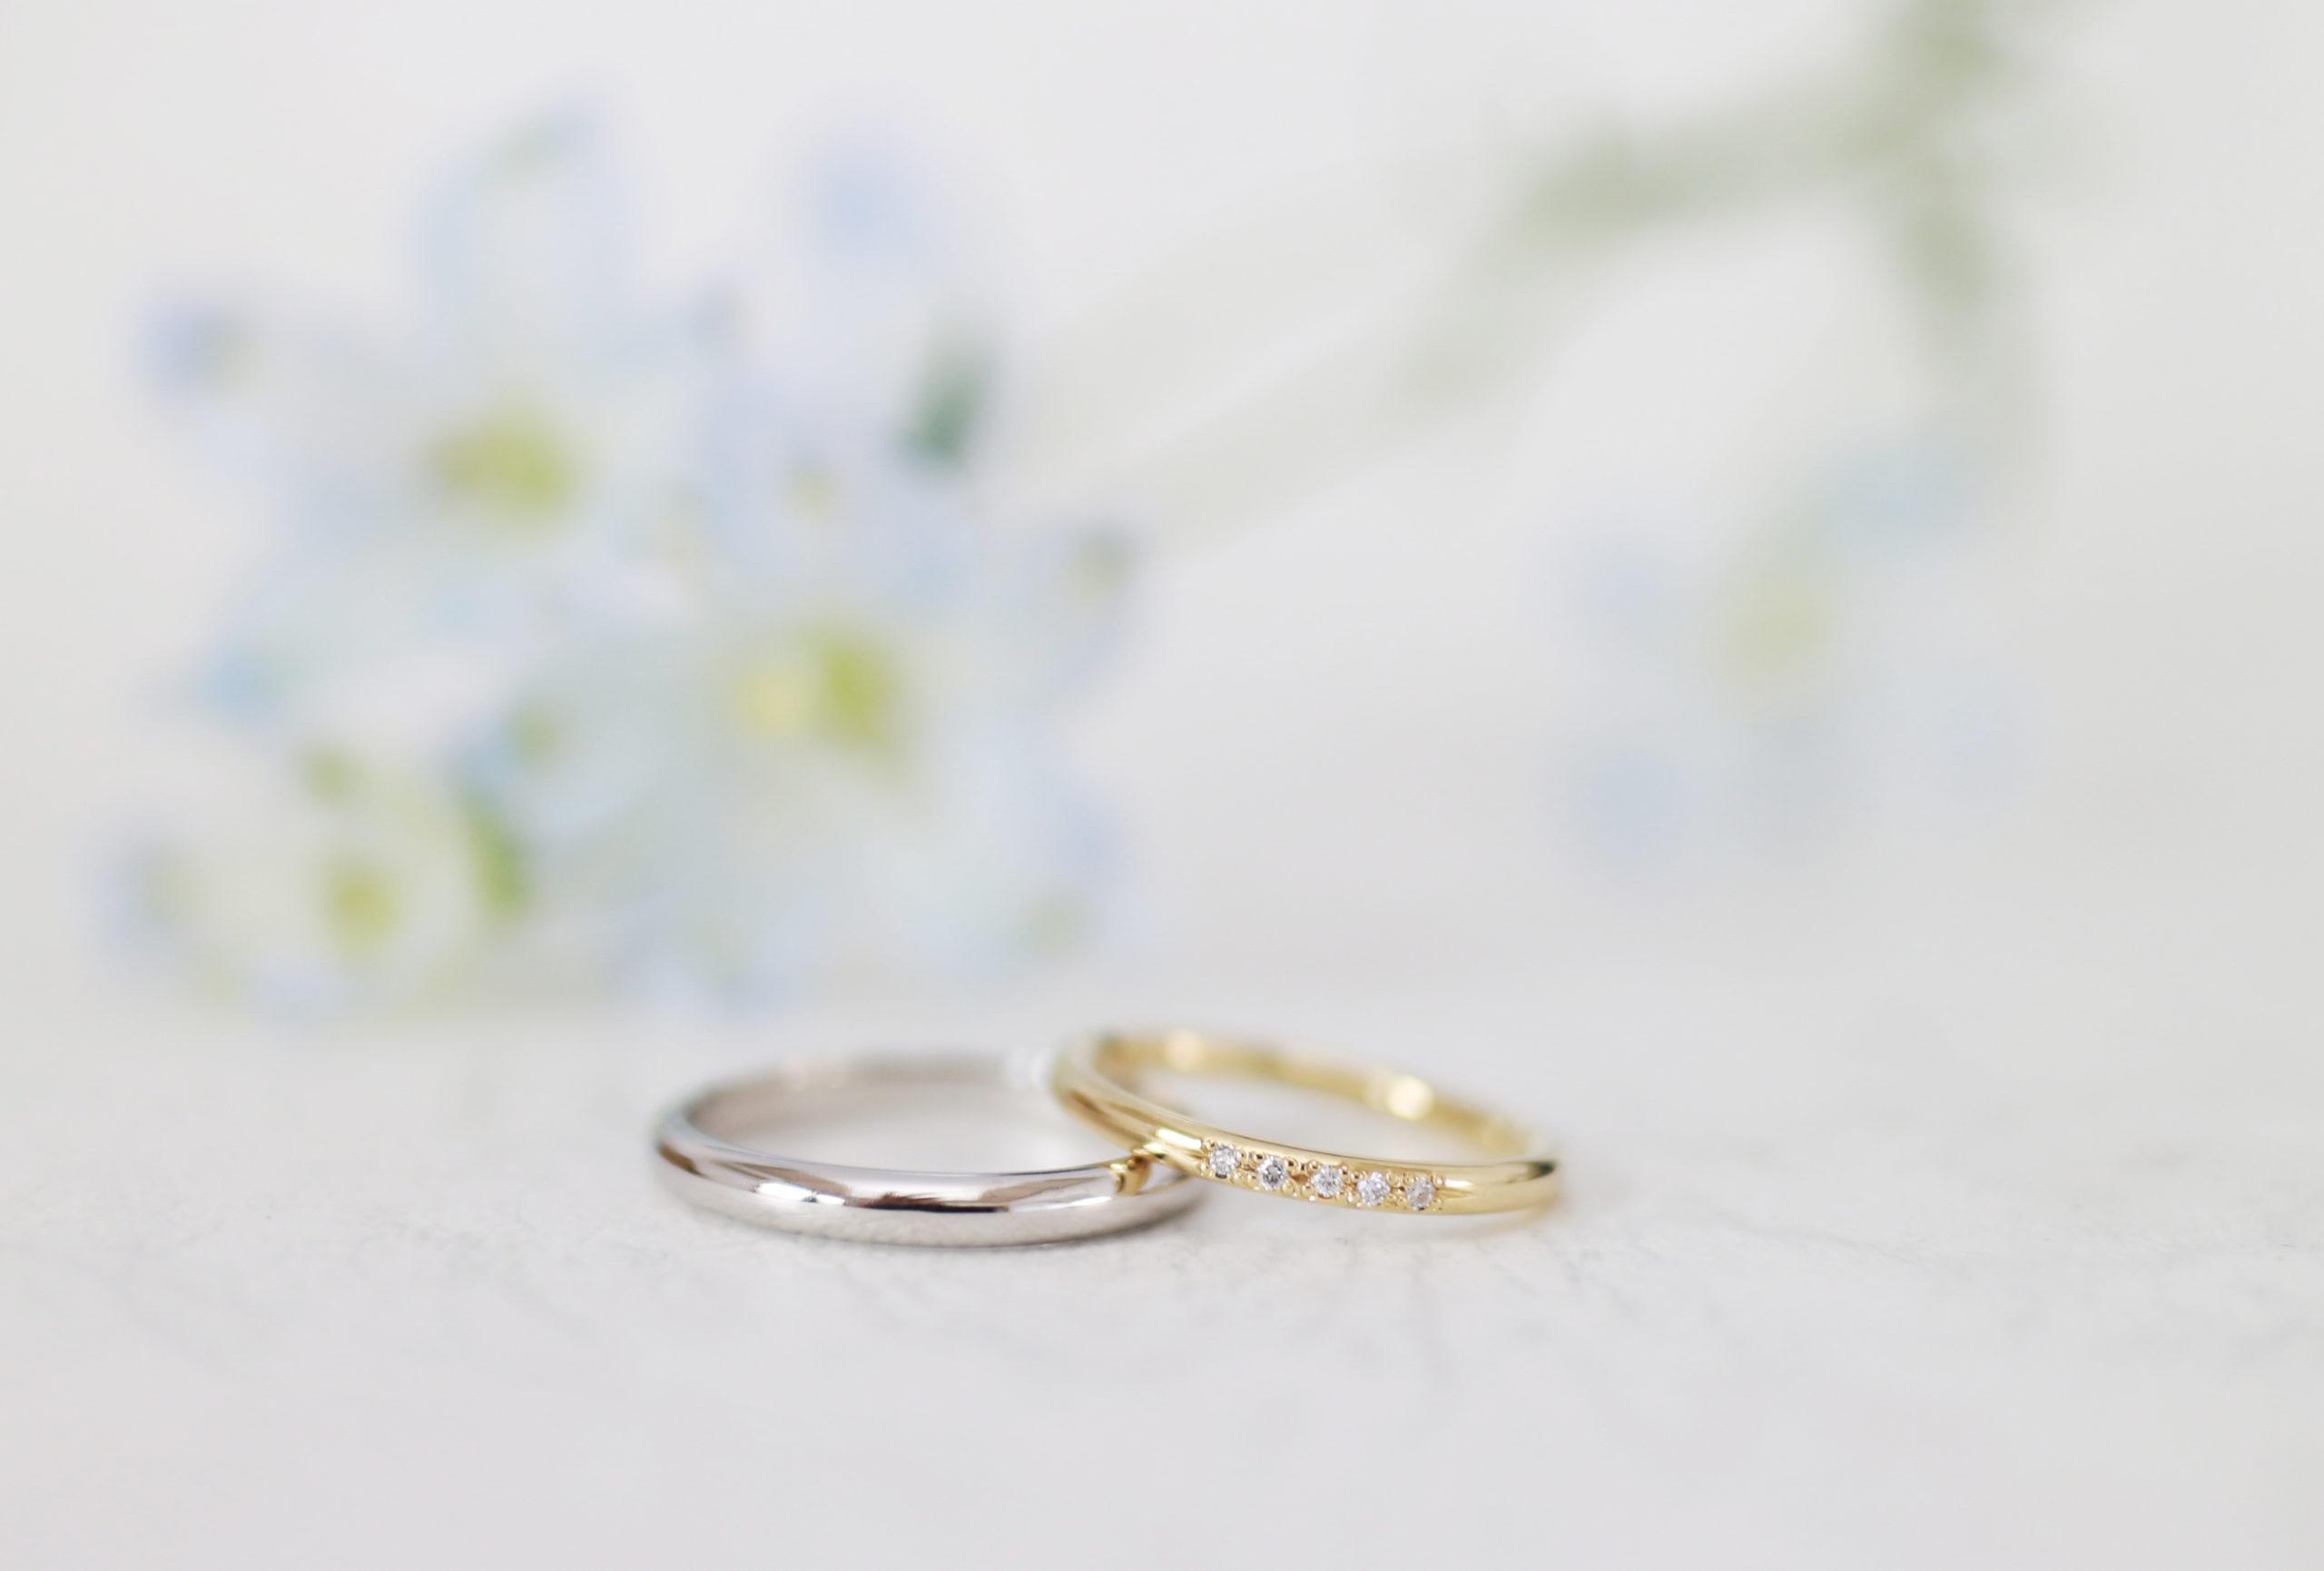 確かめながら磨いた結婚指輪